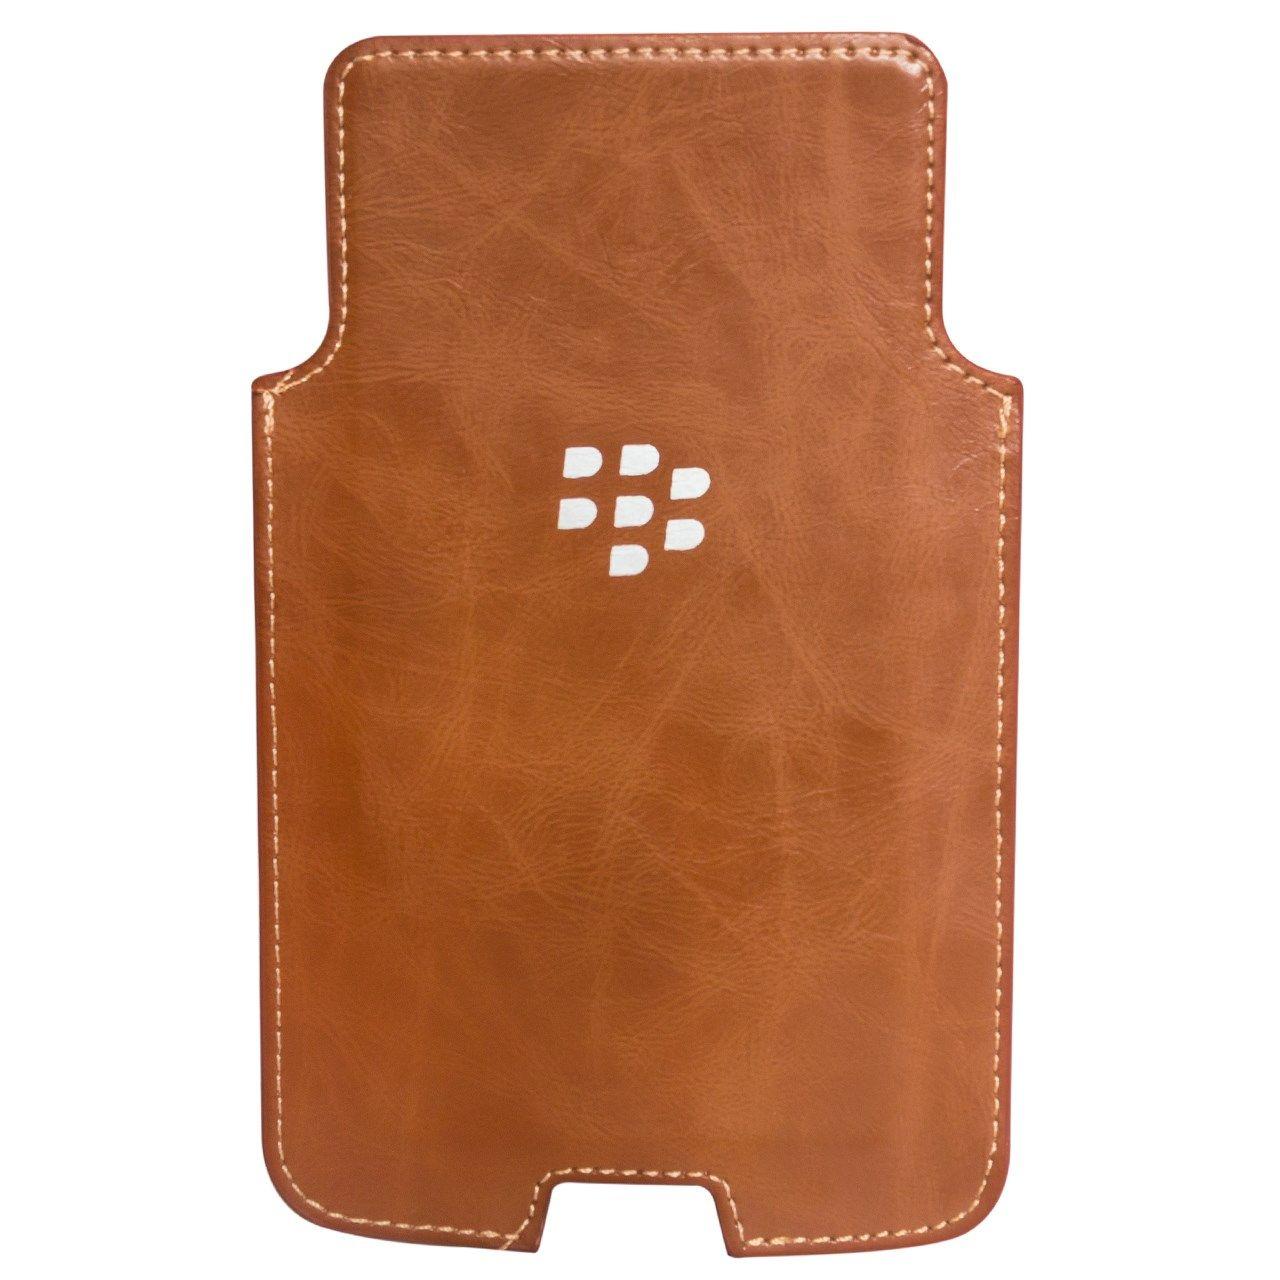 کیف چرمی بلک بری مدل Holster Leather مناسب برای گوشی موبایل بلک بری Priv